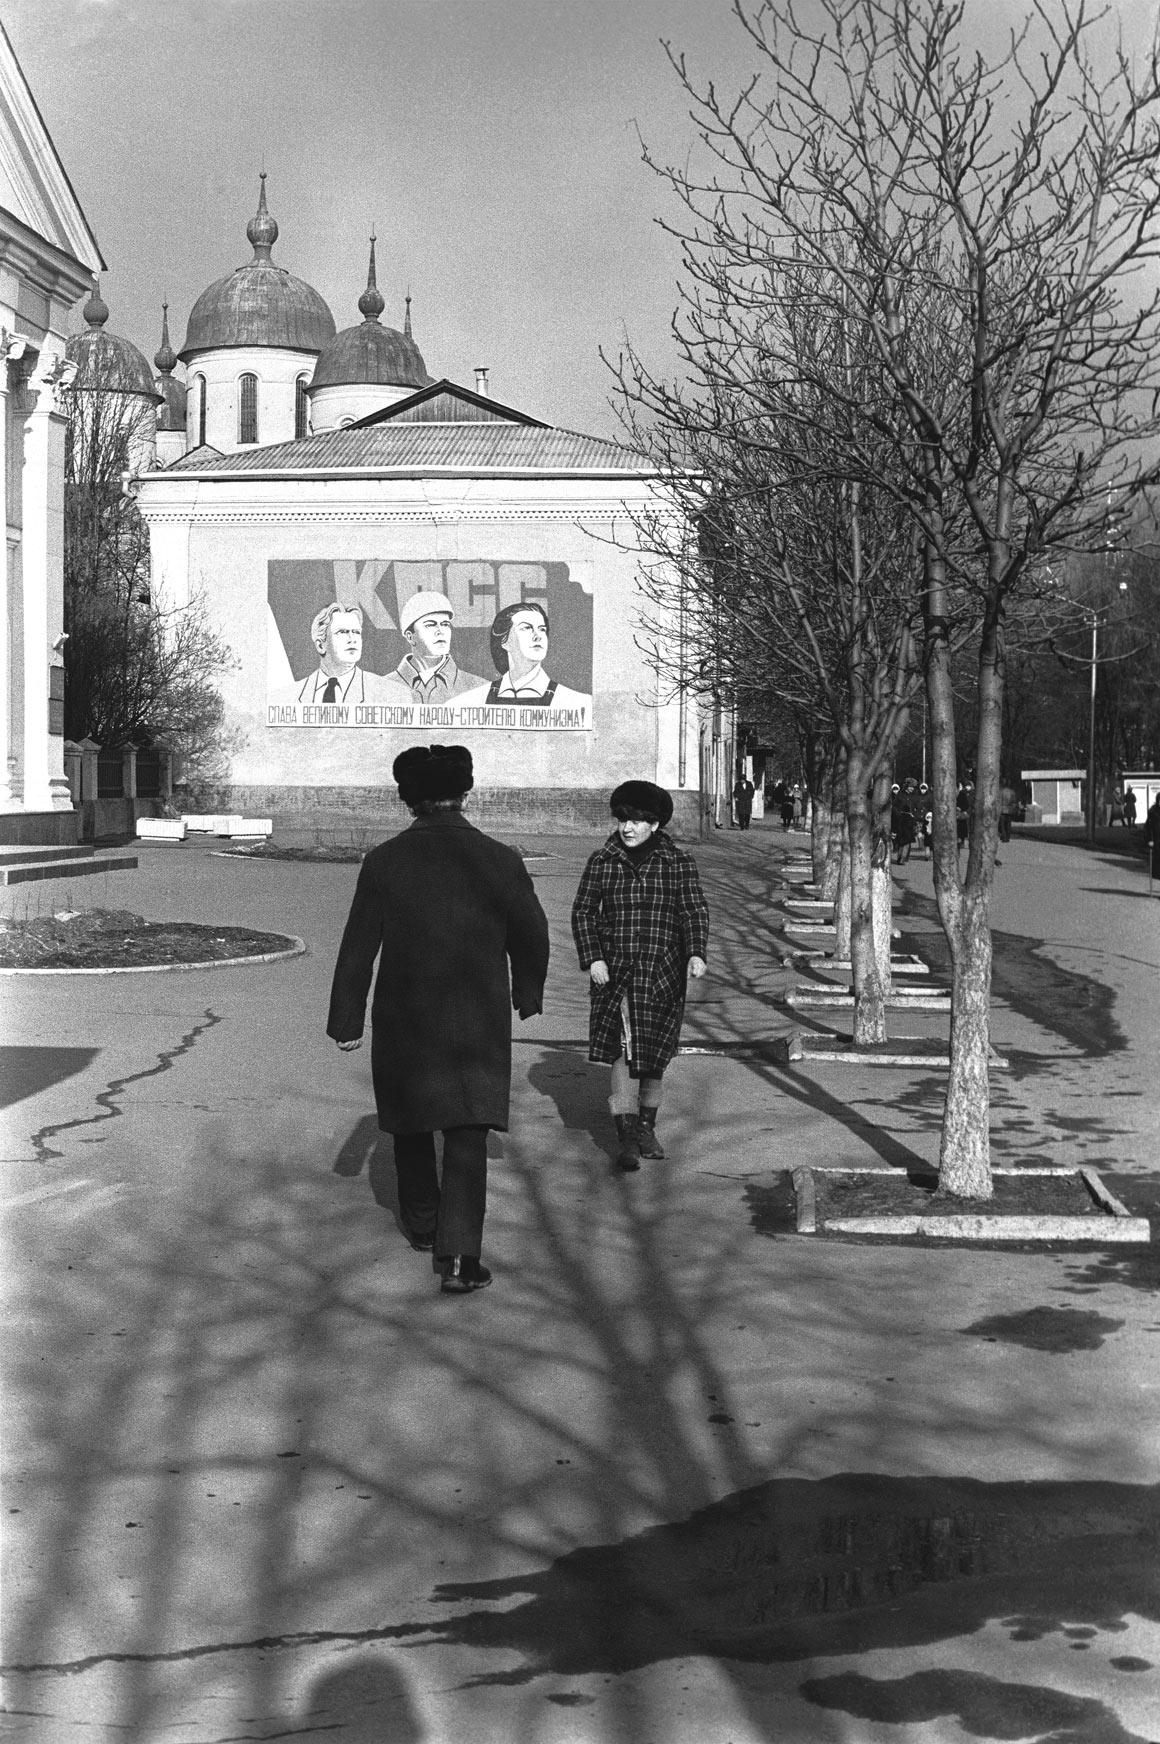 Конец 1970-х, Нежин. В этой фотографии время показано одним лозунгом. Слепок эпохи